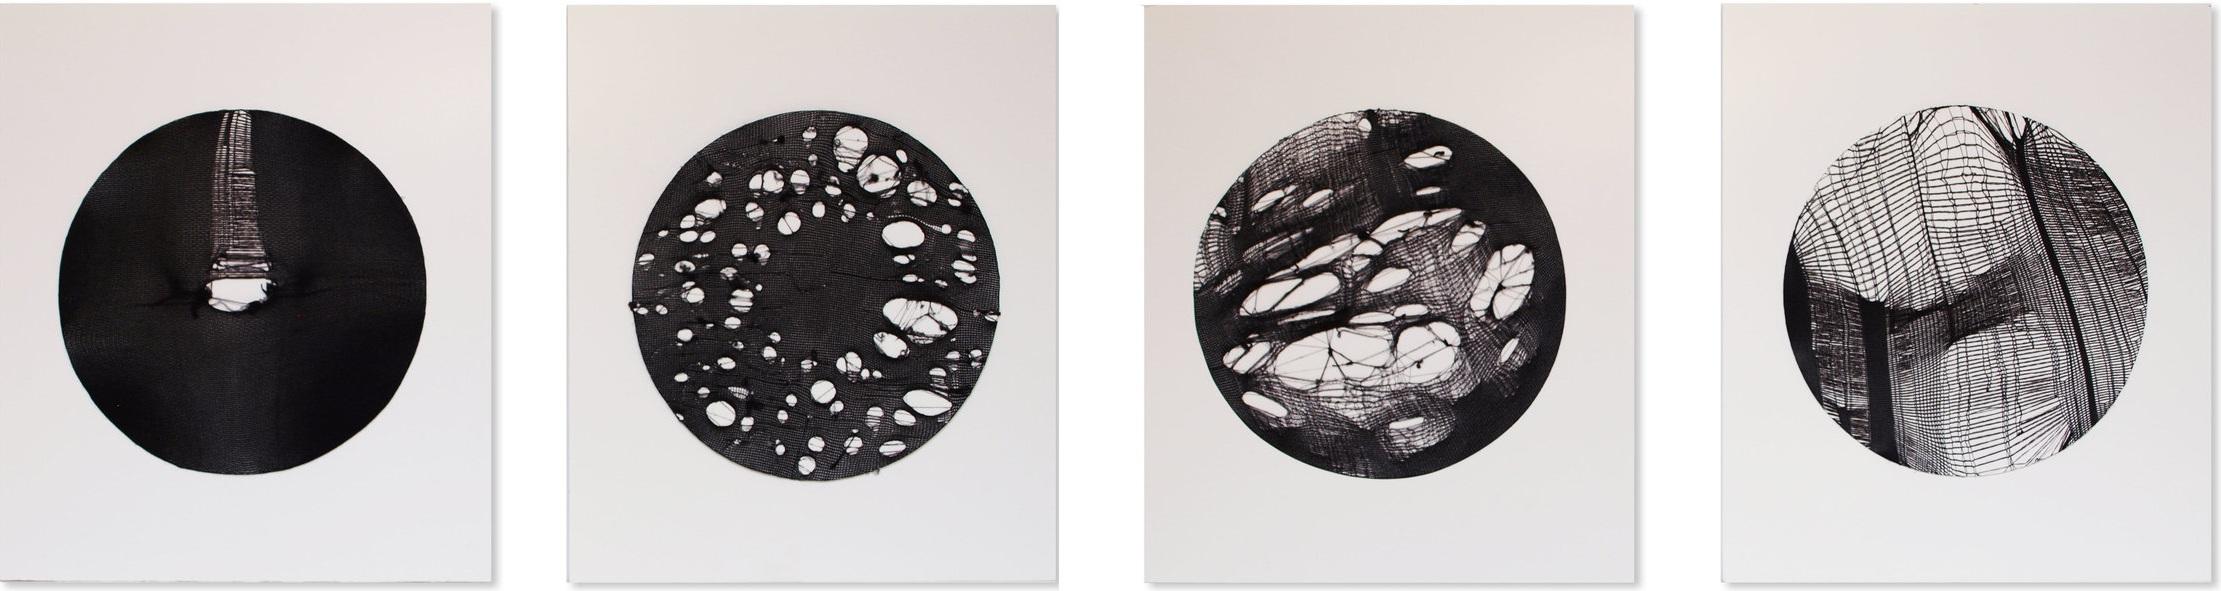 Giulia Nelli     9 months  , 2017  Collants noirs  35 cm x 135 cm (35 cm x 30 cm chacune)